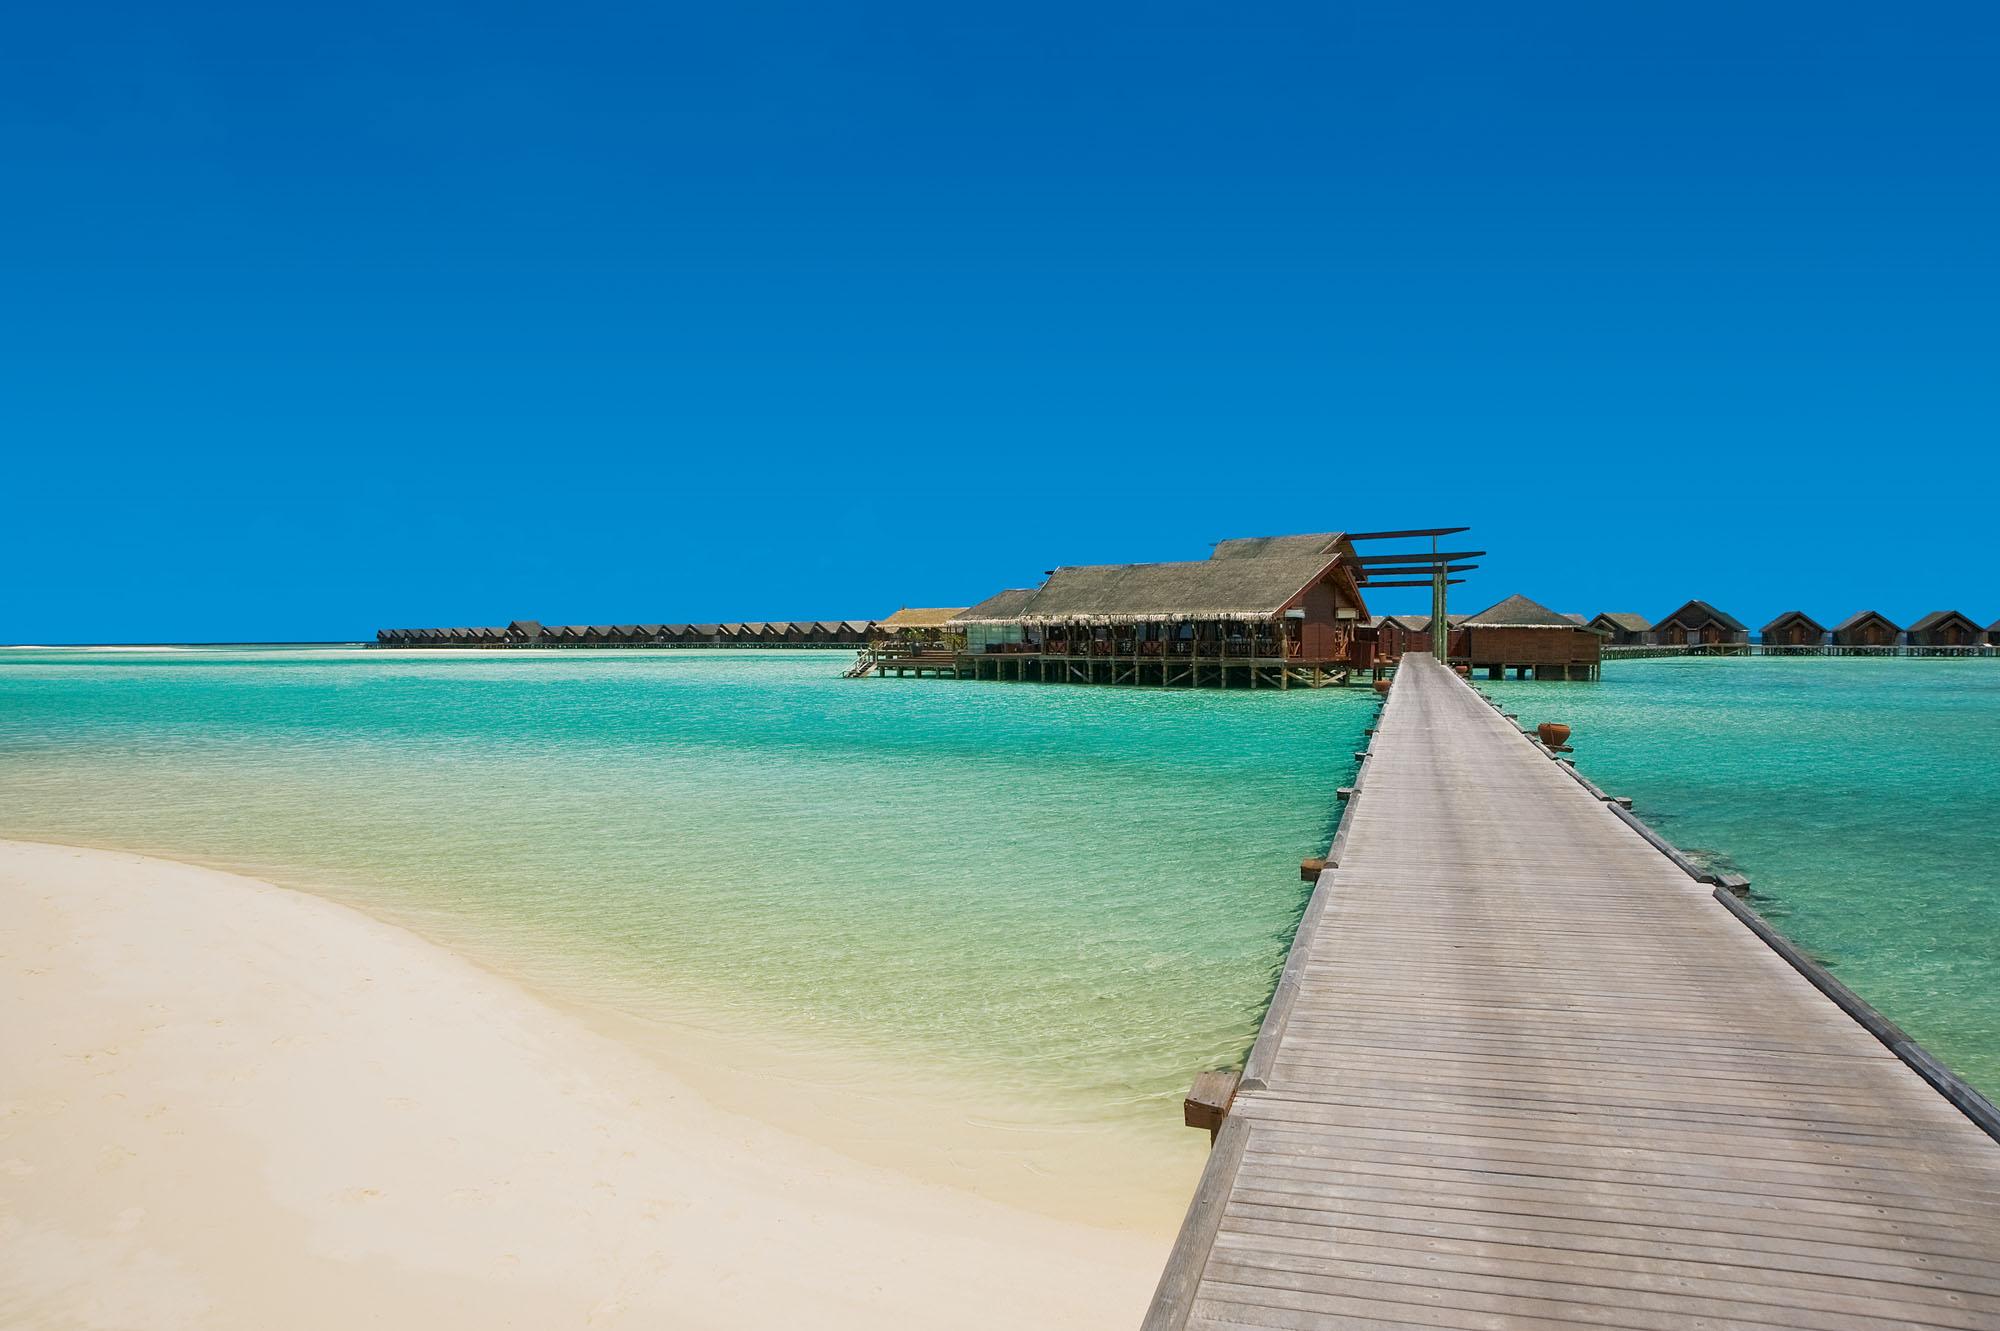 LUX-Maldives-08